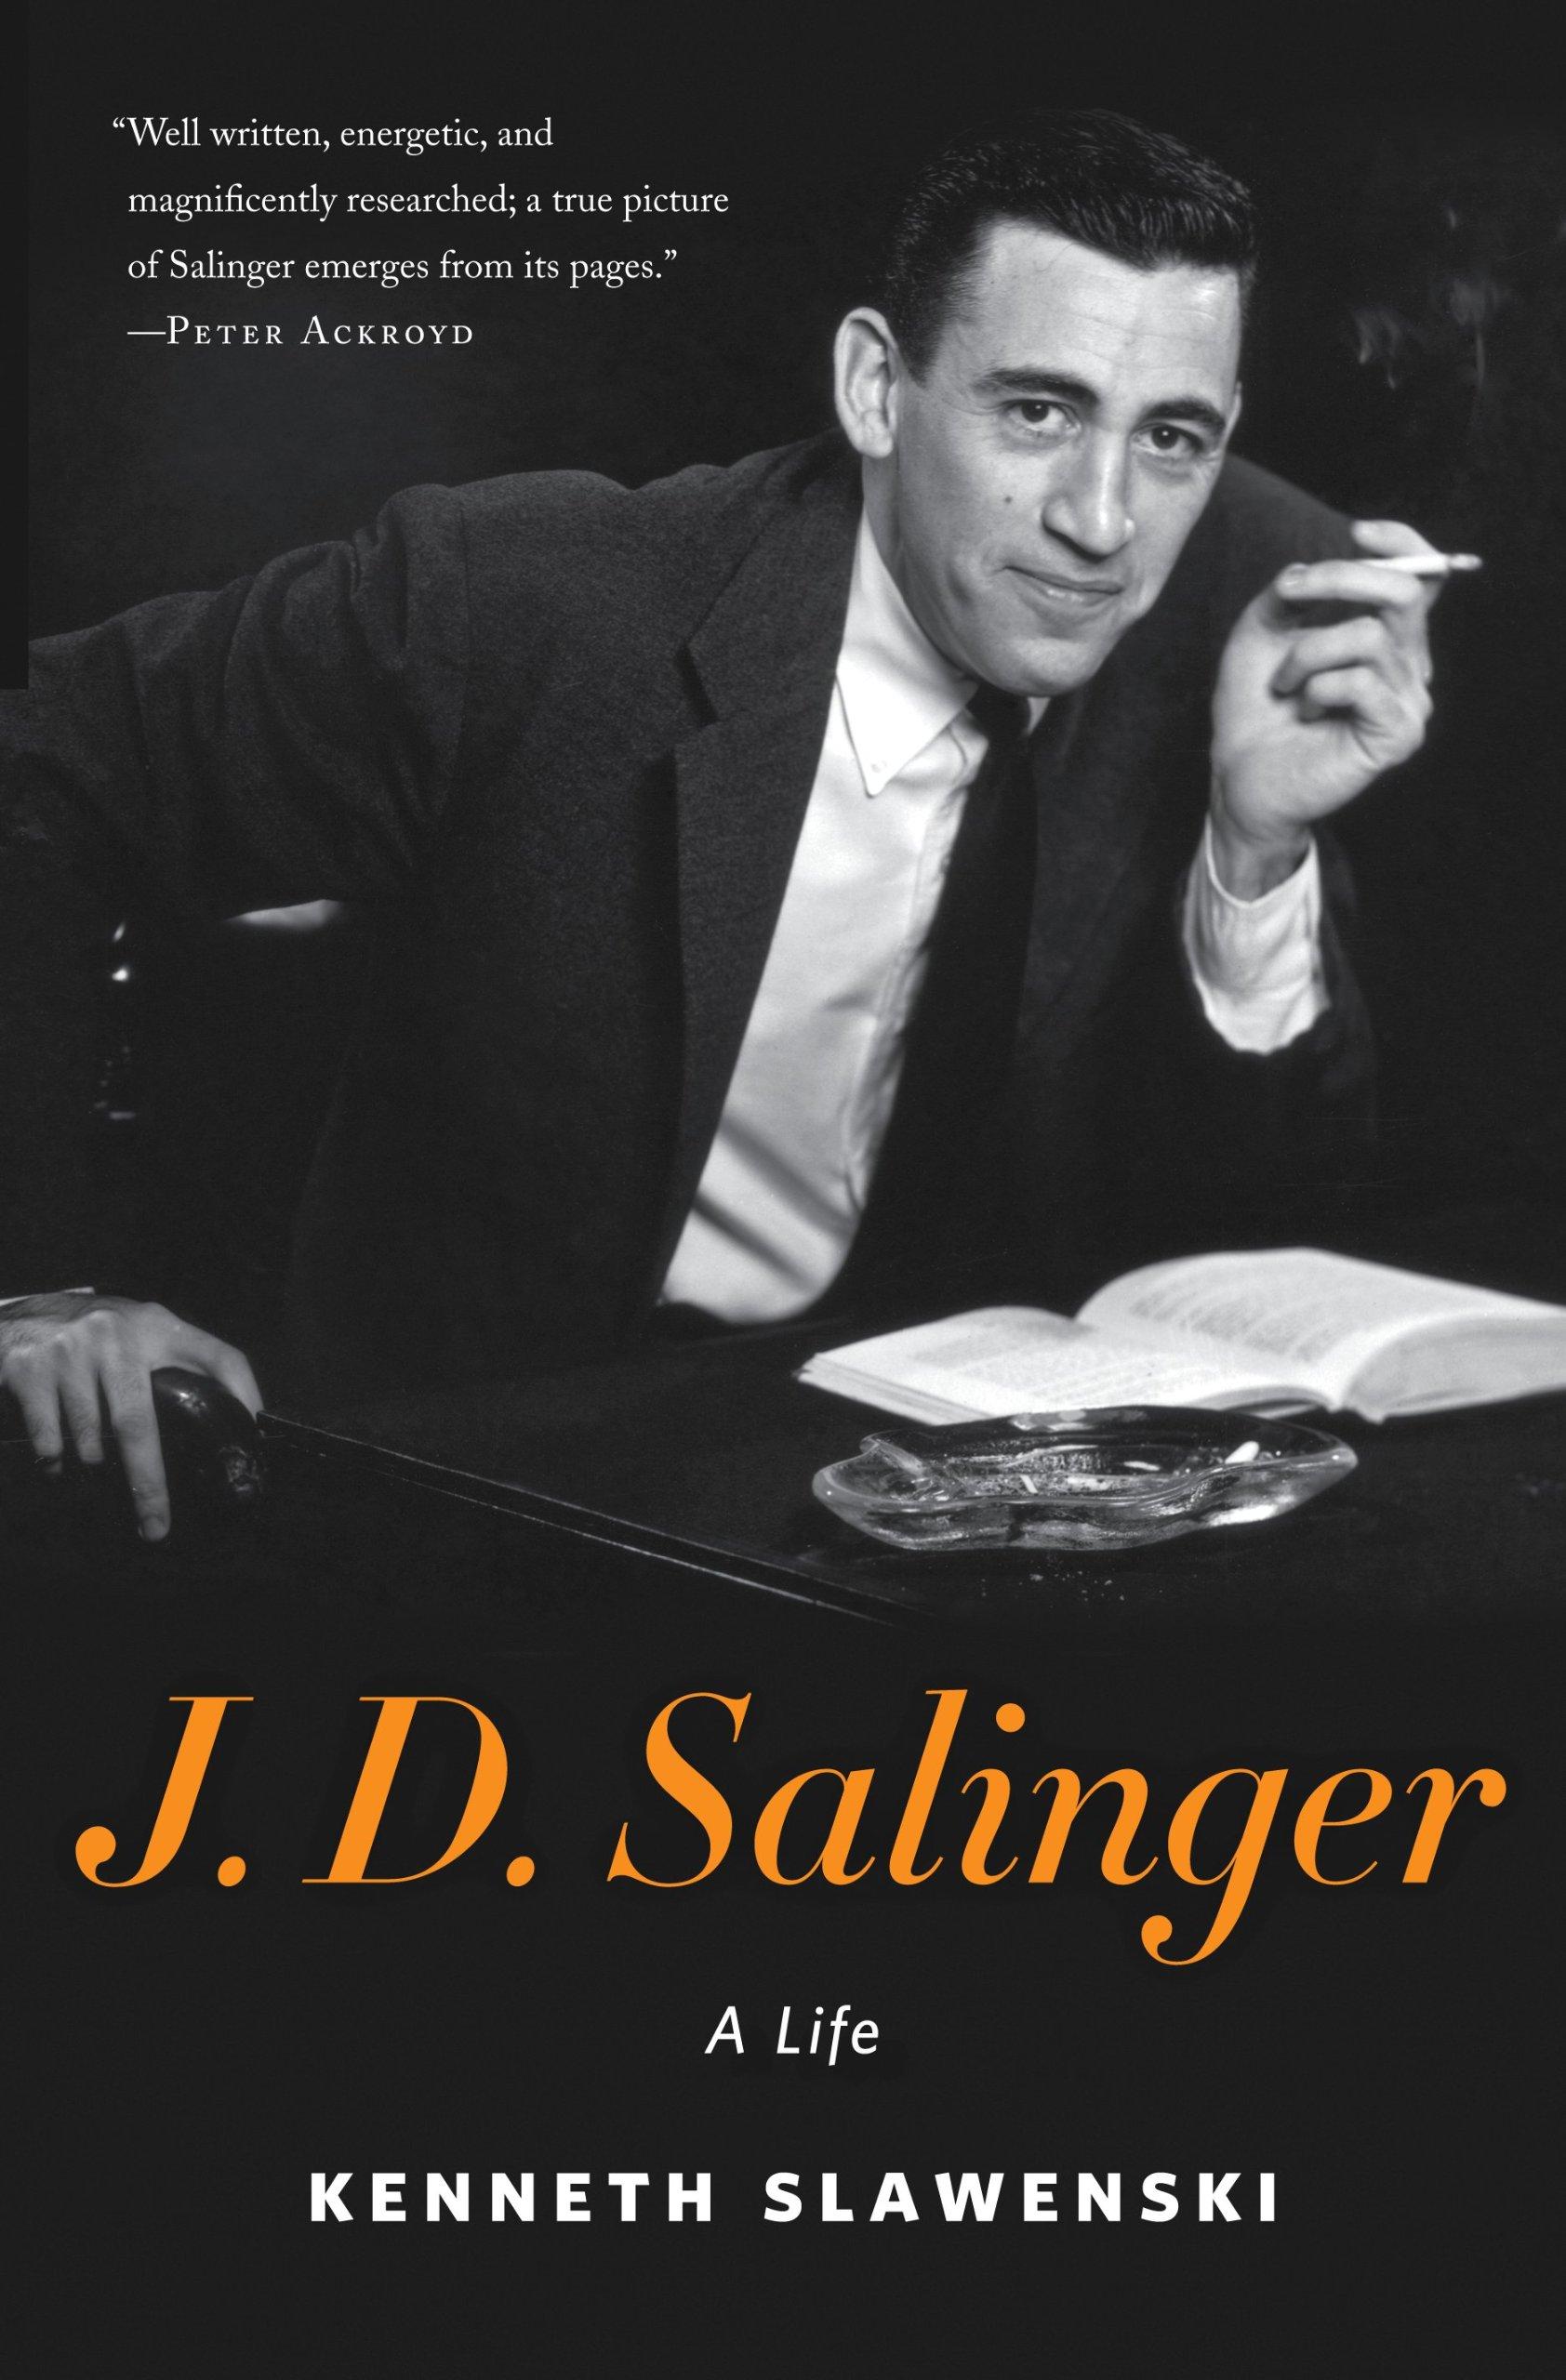 J. D. Salinger: A Life: Kenneth Slawenski: 9781400069514: Amazon ...